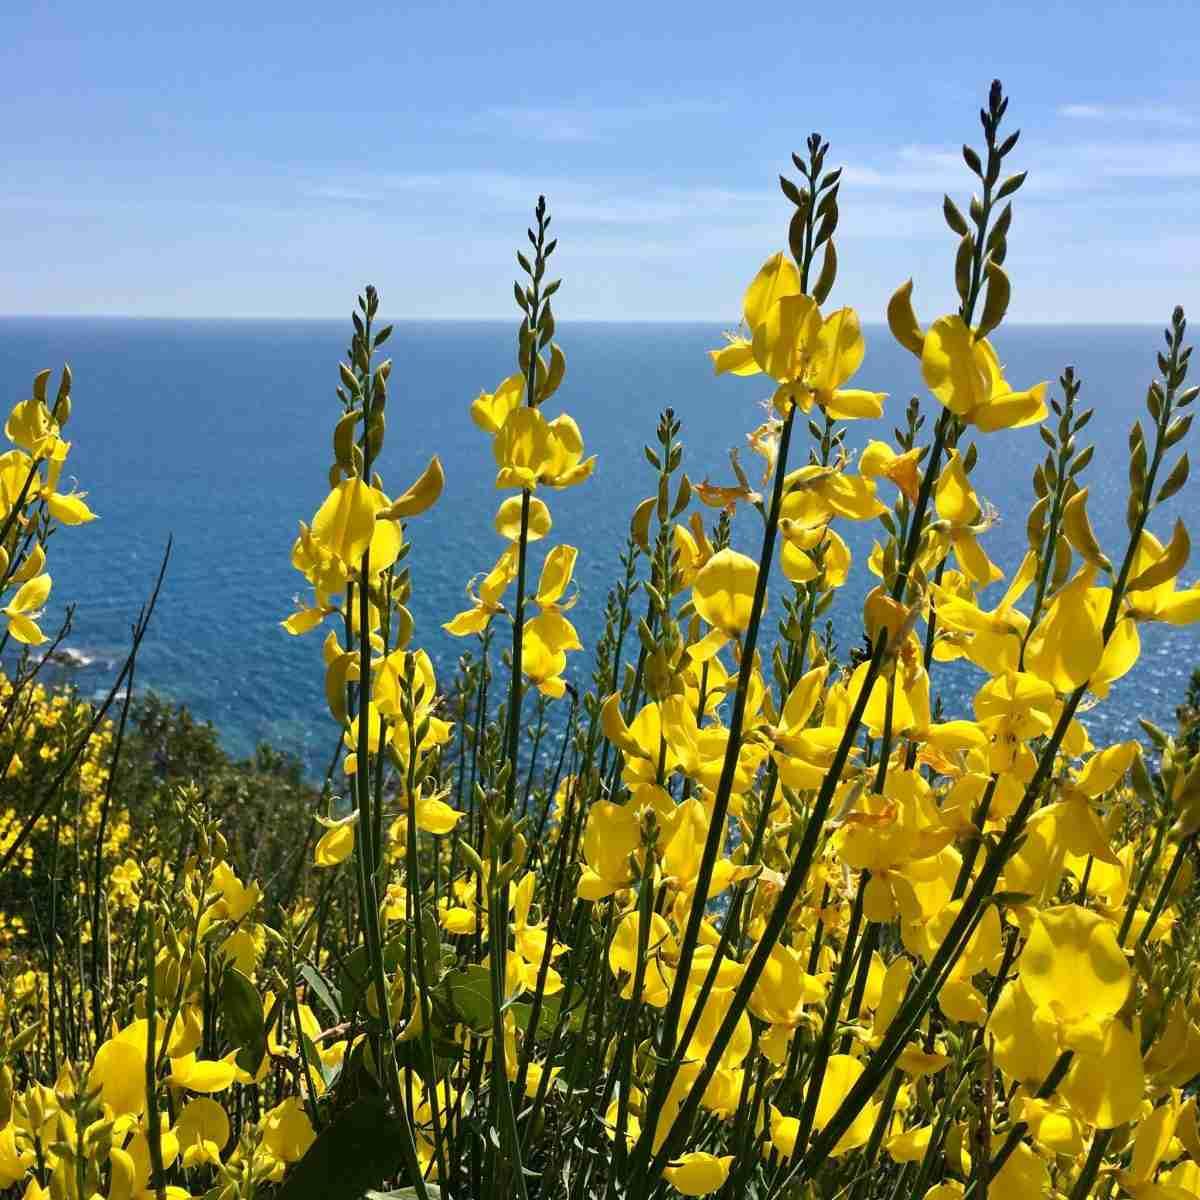 Meeresblick durch die Blume